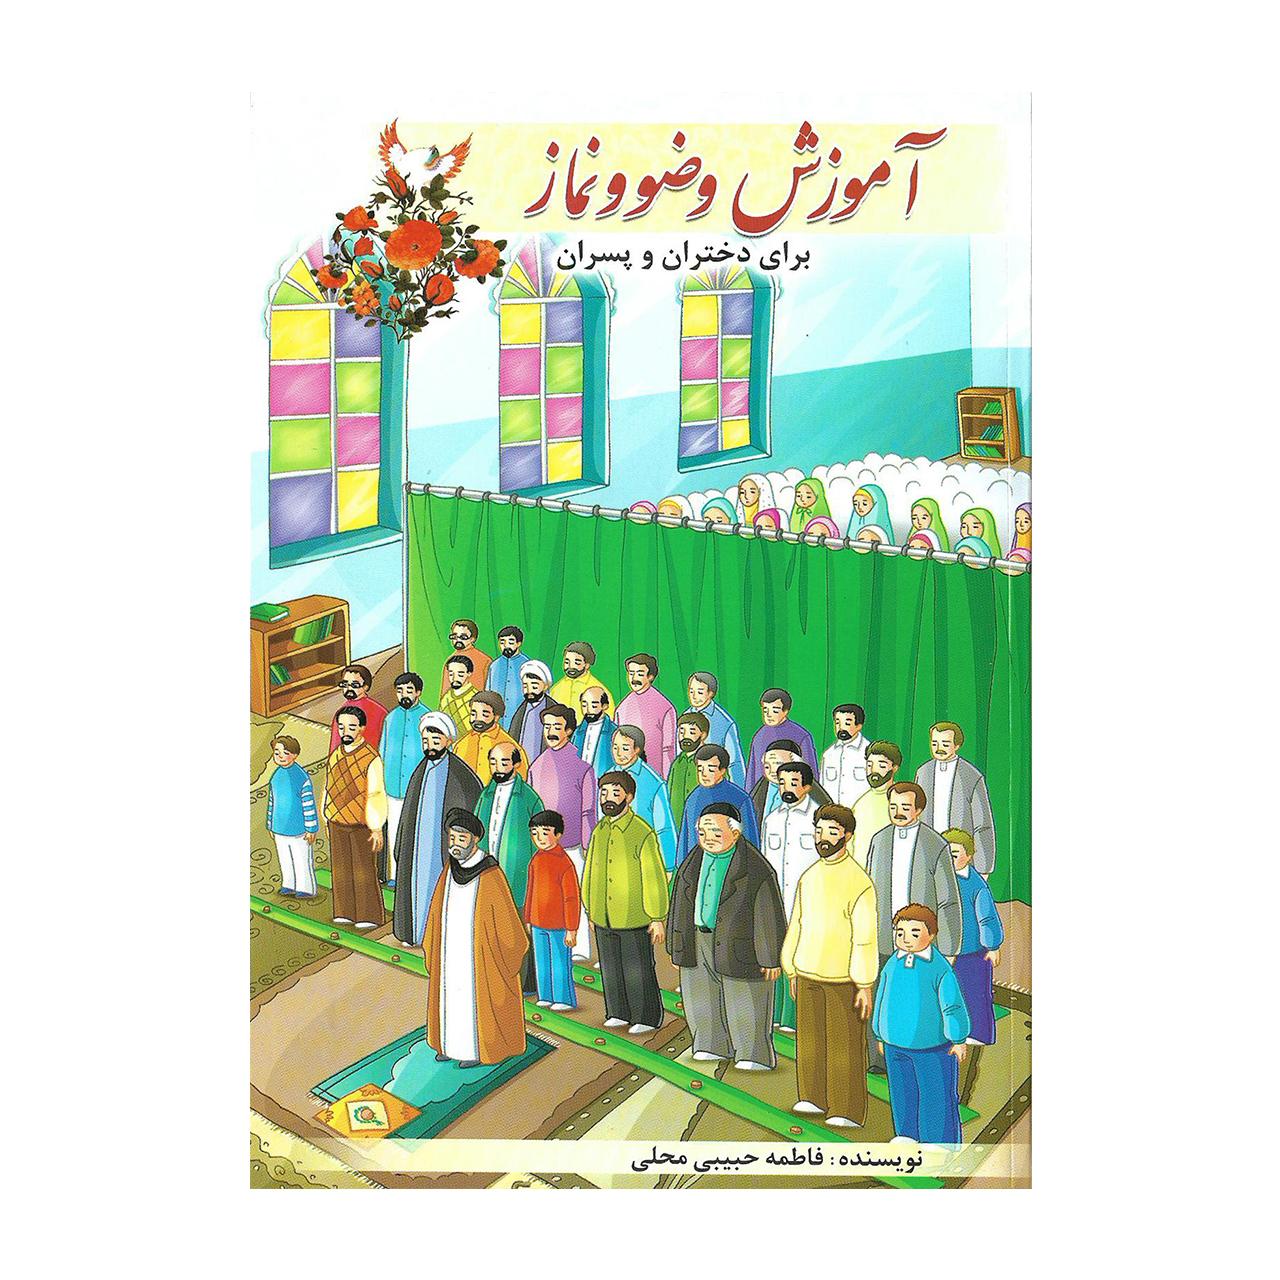 آموزش وضو و نماز اثر فاطمه حبیبی محلی